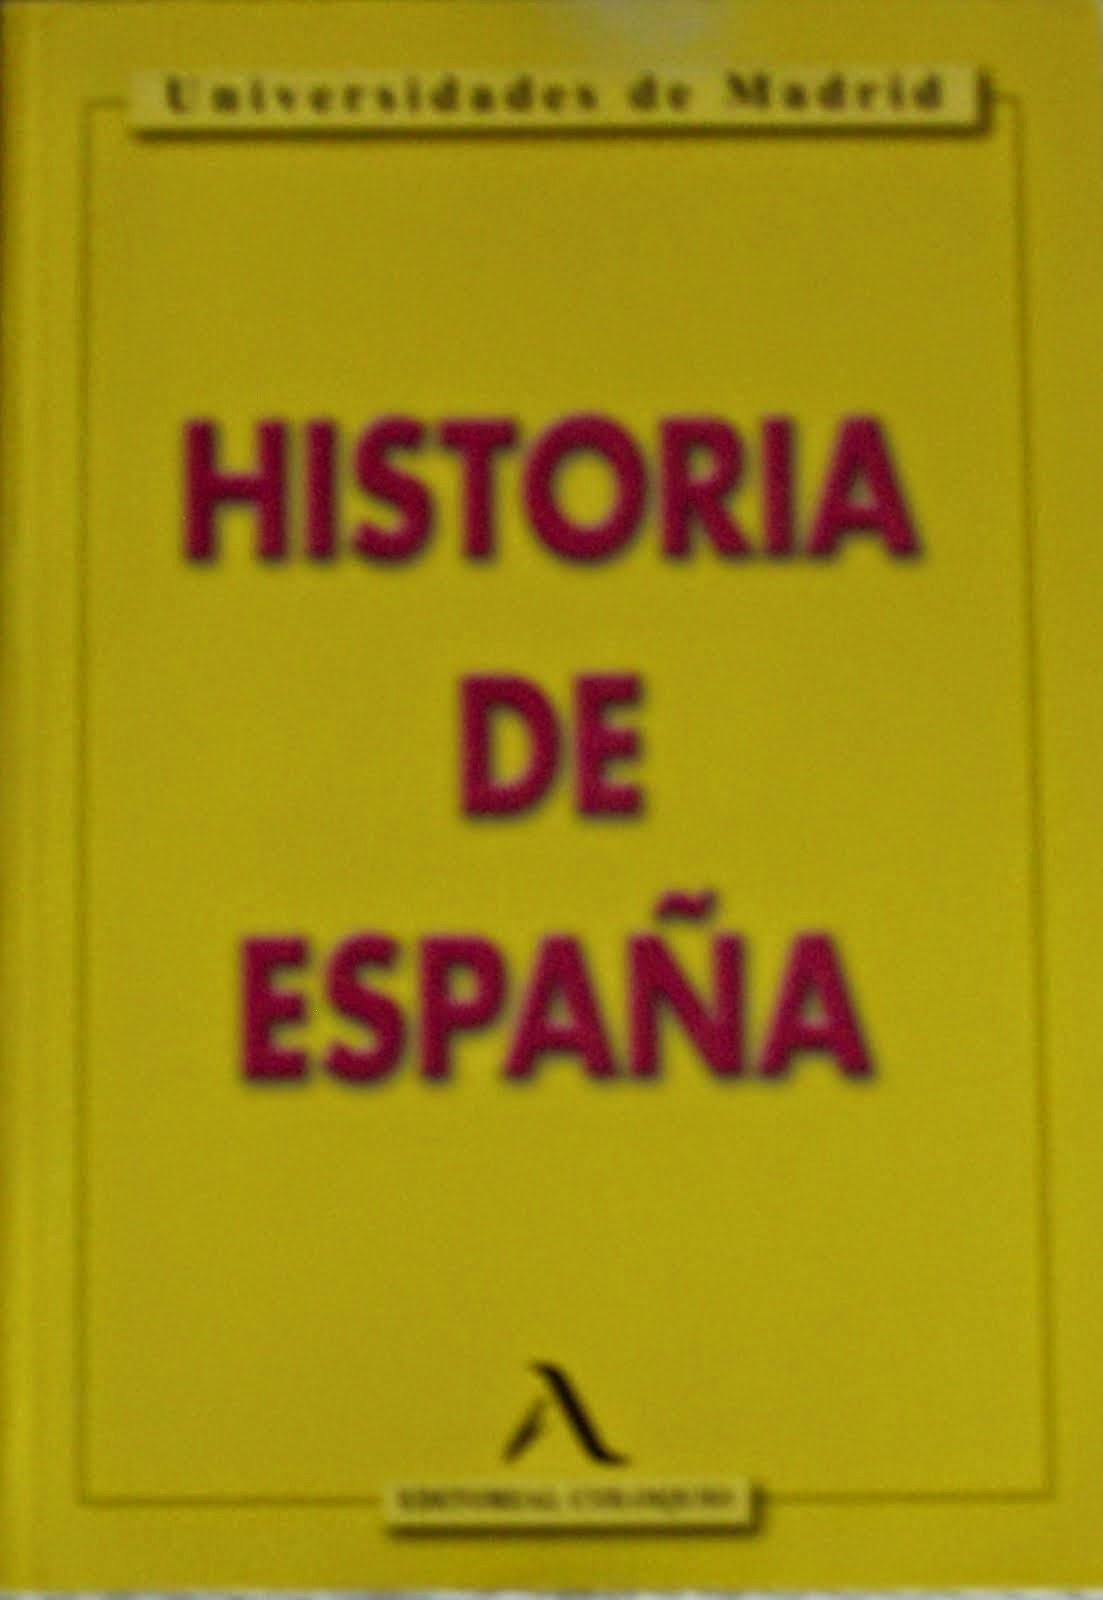 Obra del bloguero. Coautor. Divulgación. Historia de España, 2011